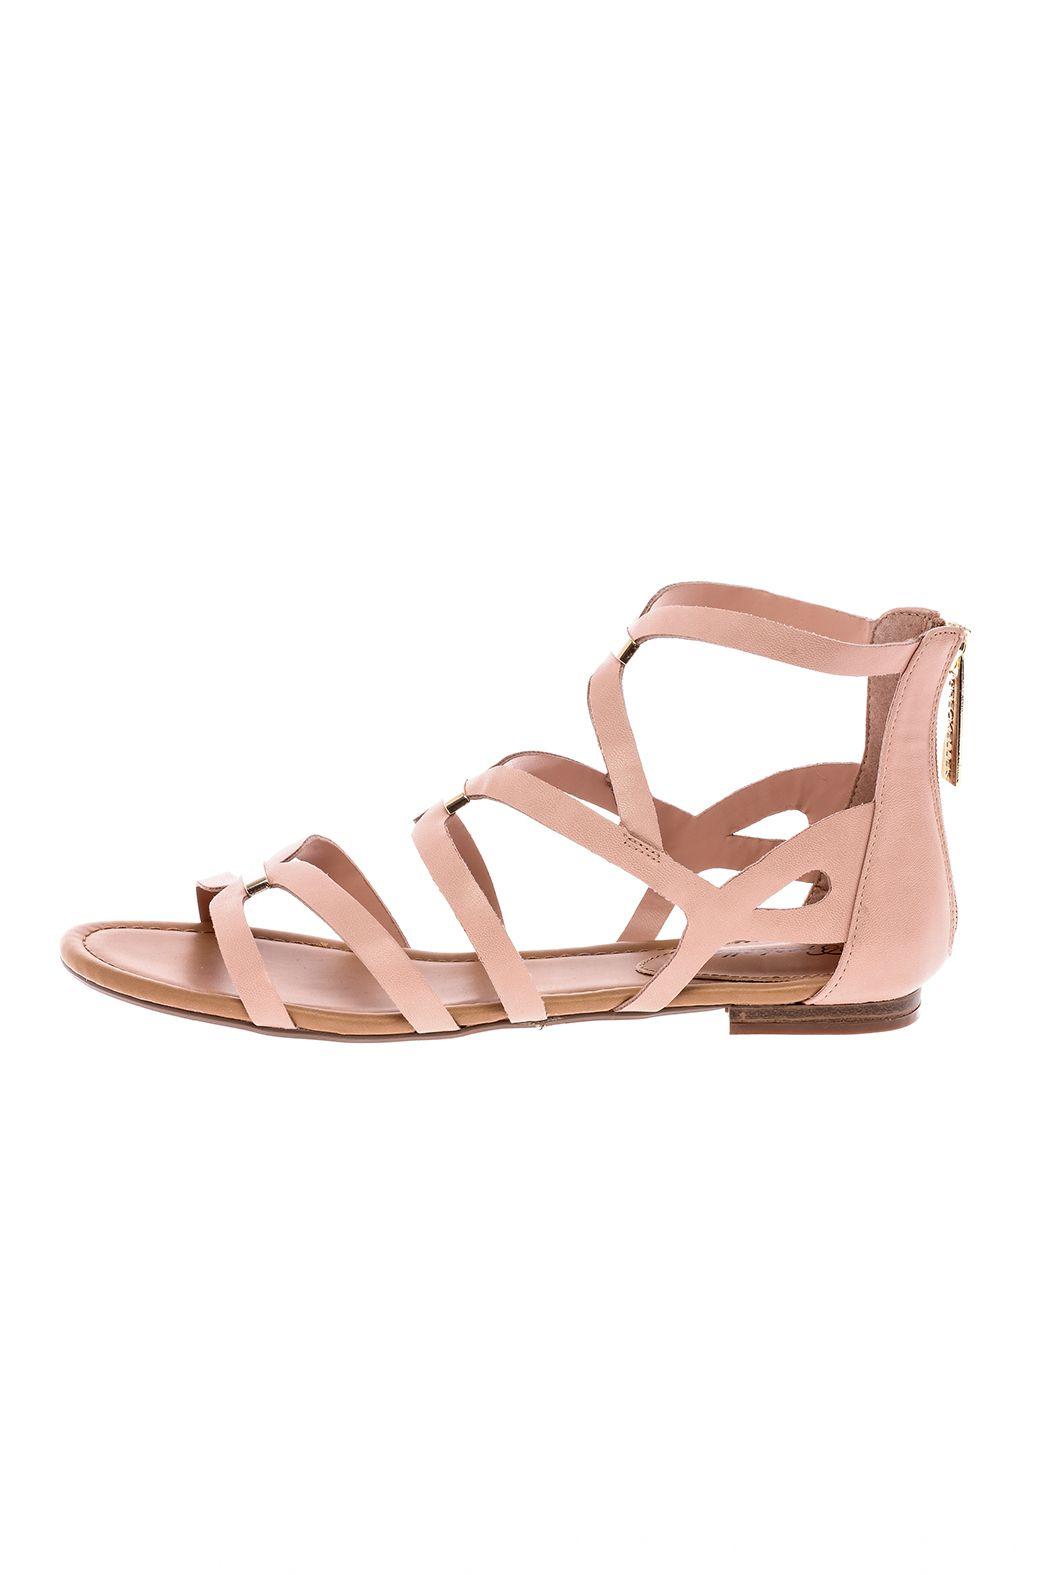 Blush Sandal   Blush sandals, Blush